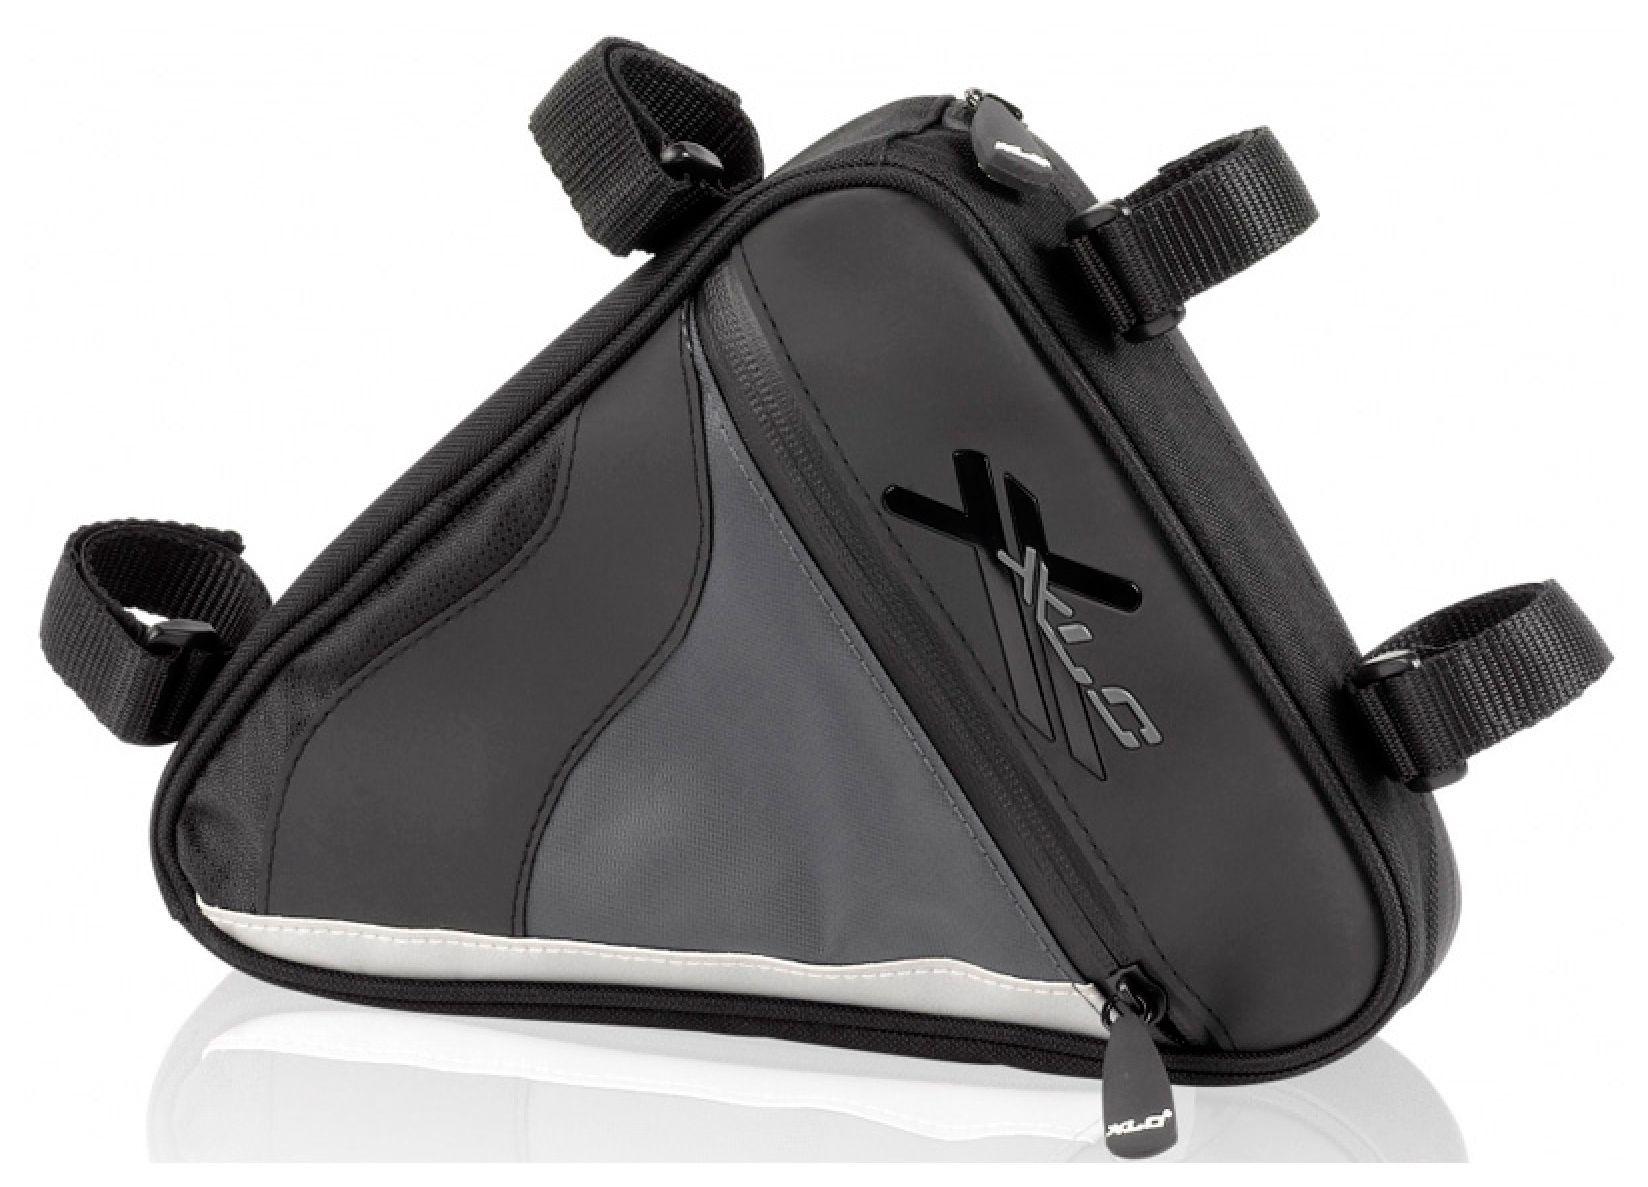 Аксессуар XLC BA-S45, 22 x 19 x 5 см, 1,7 л,  сумки  - артикул:280383